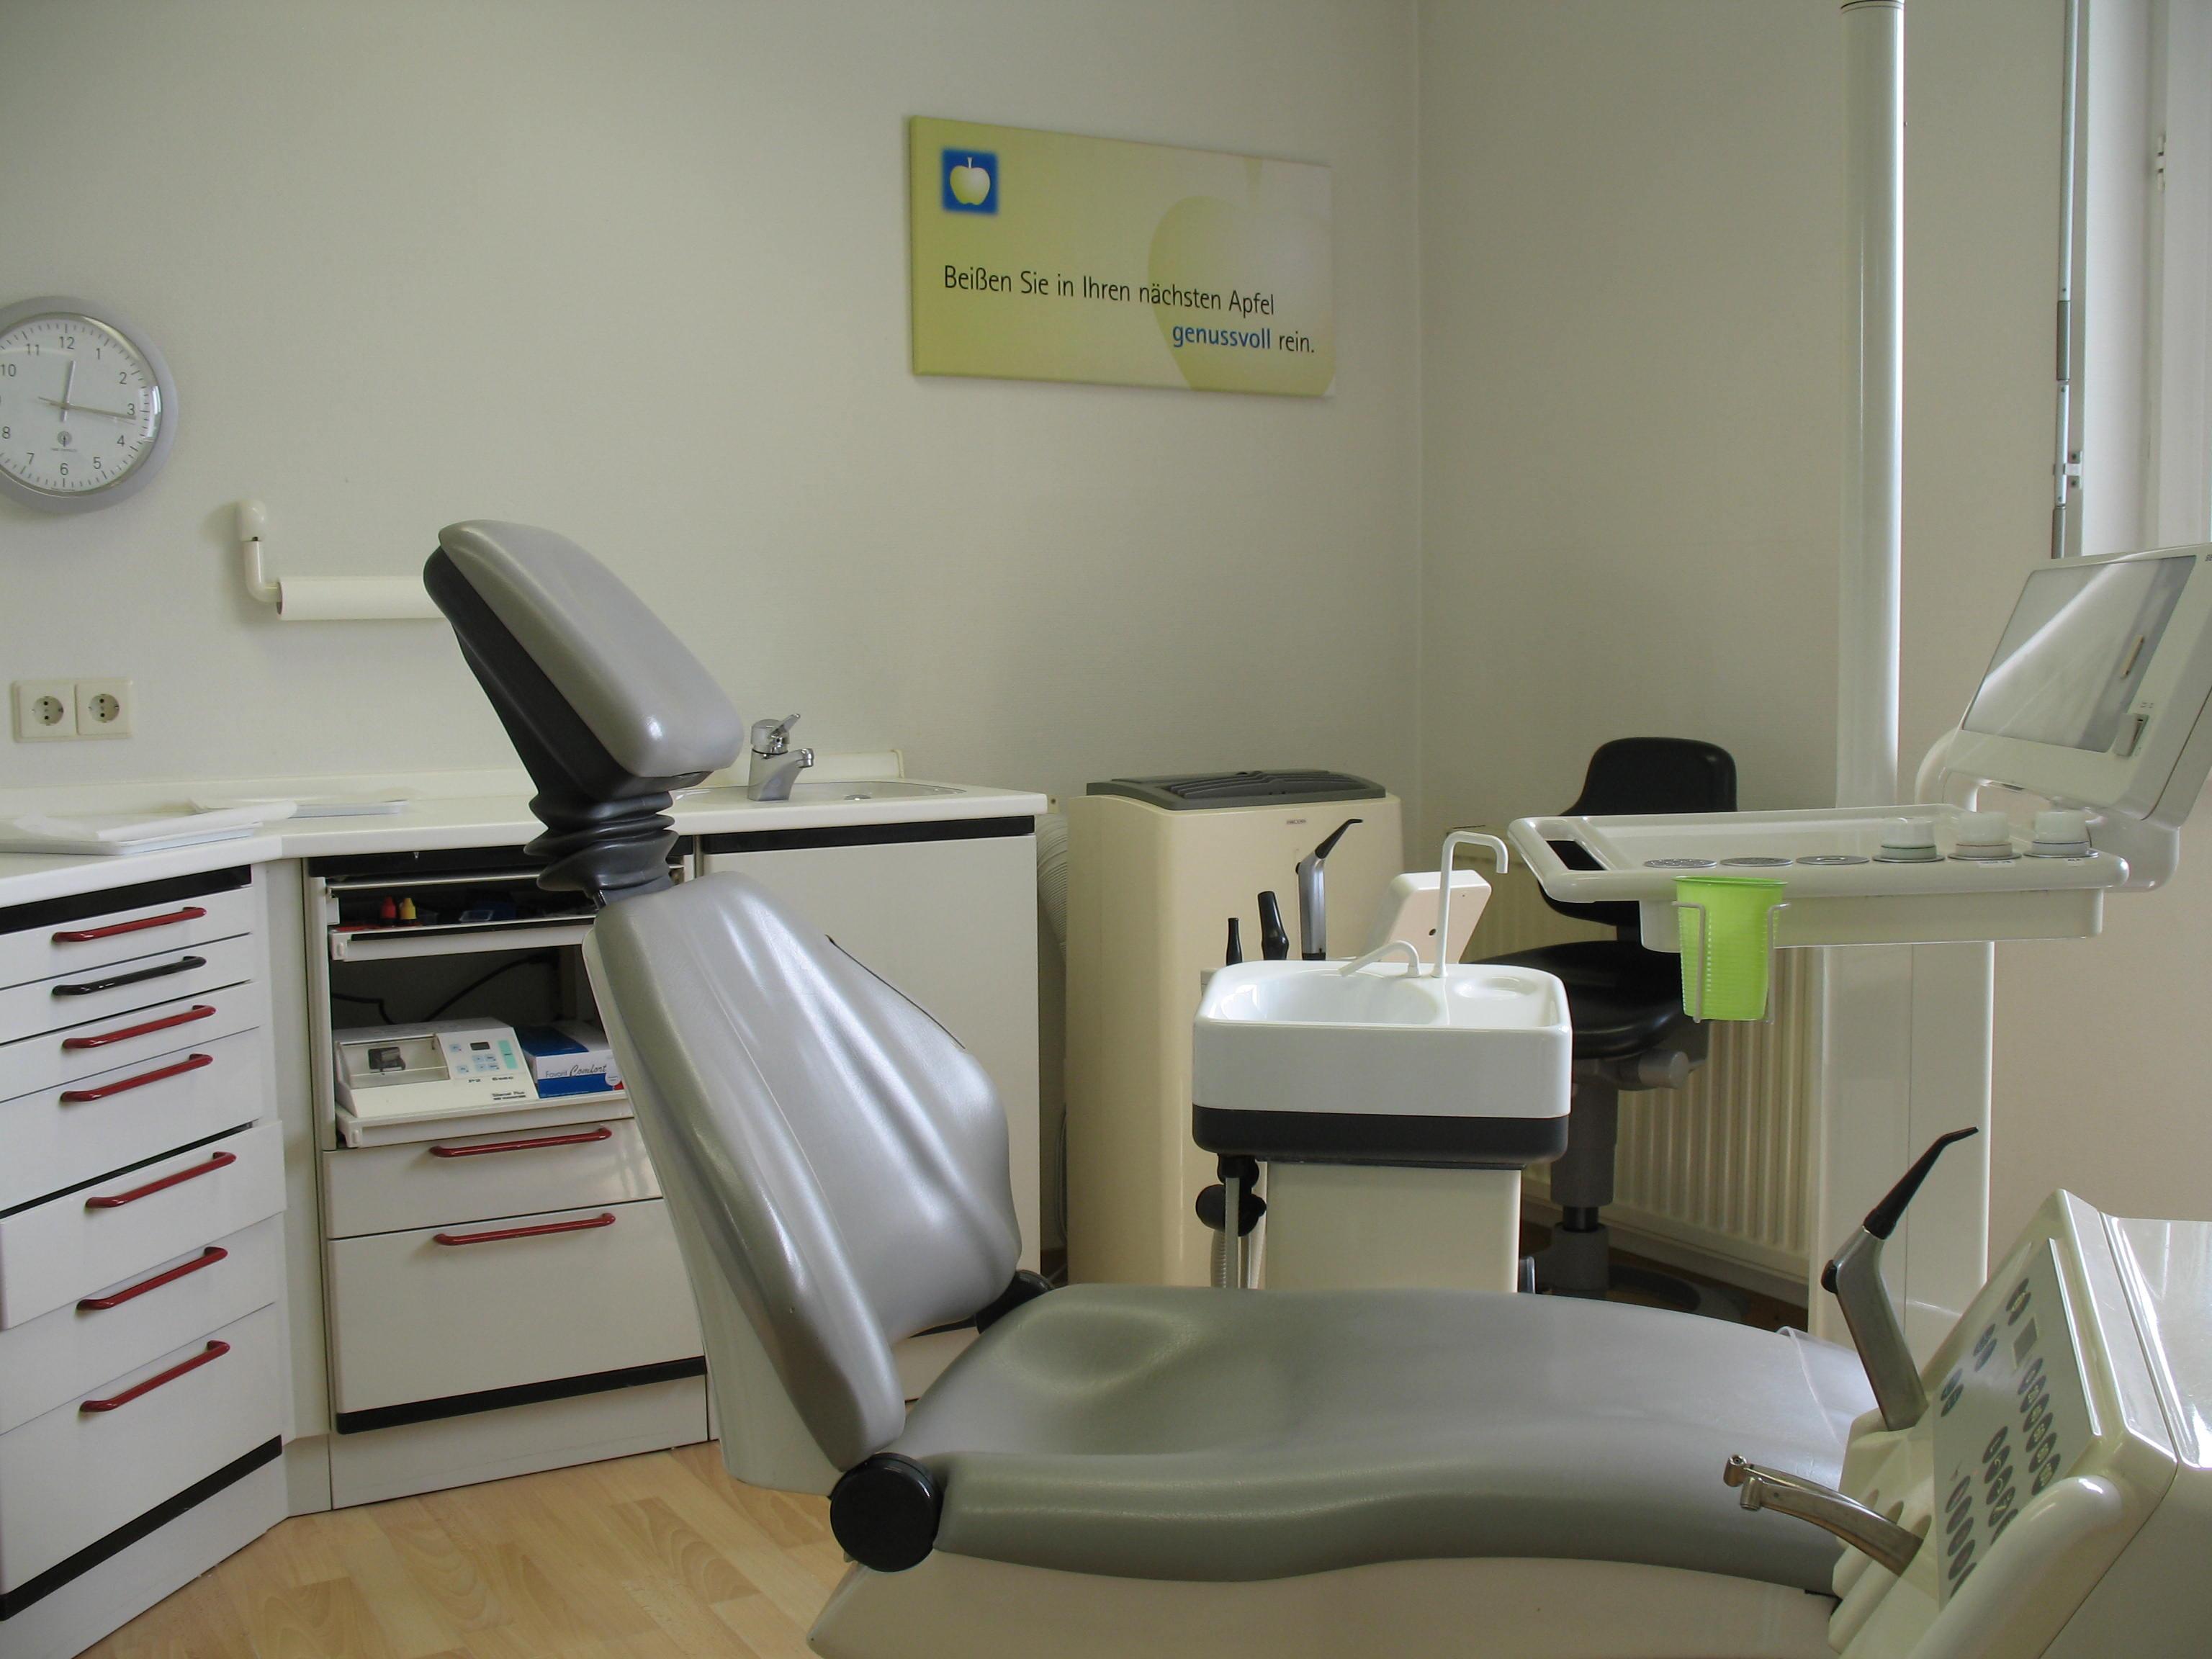 Dr-Schwarzkopf-Streit-Dr-Feuerle-Zahnaerzte-Bettringen-Behandlungszimmer